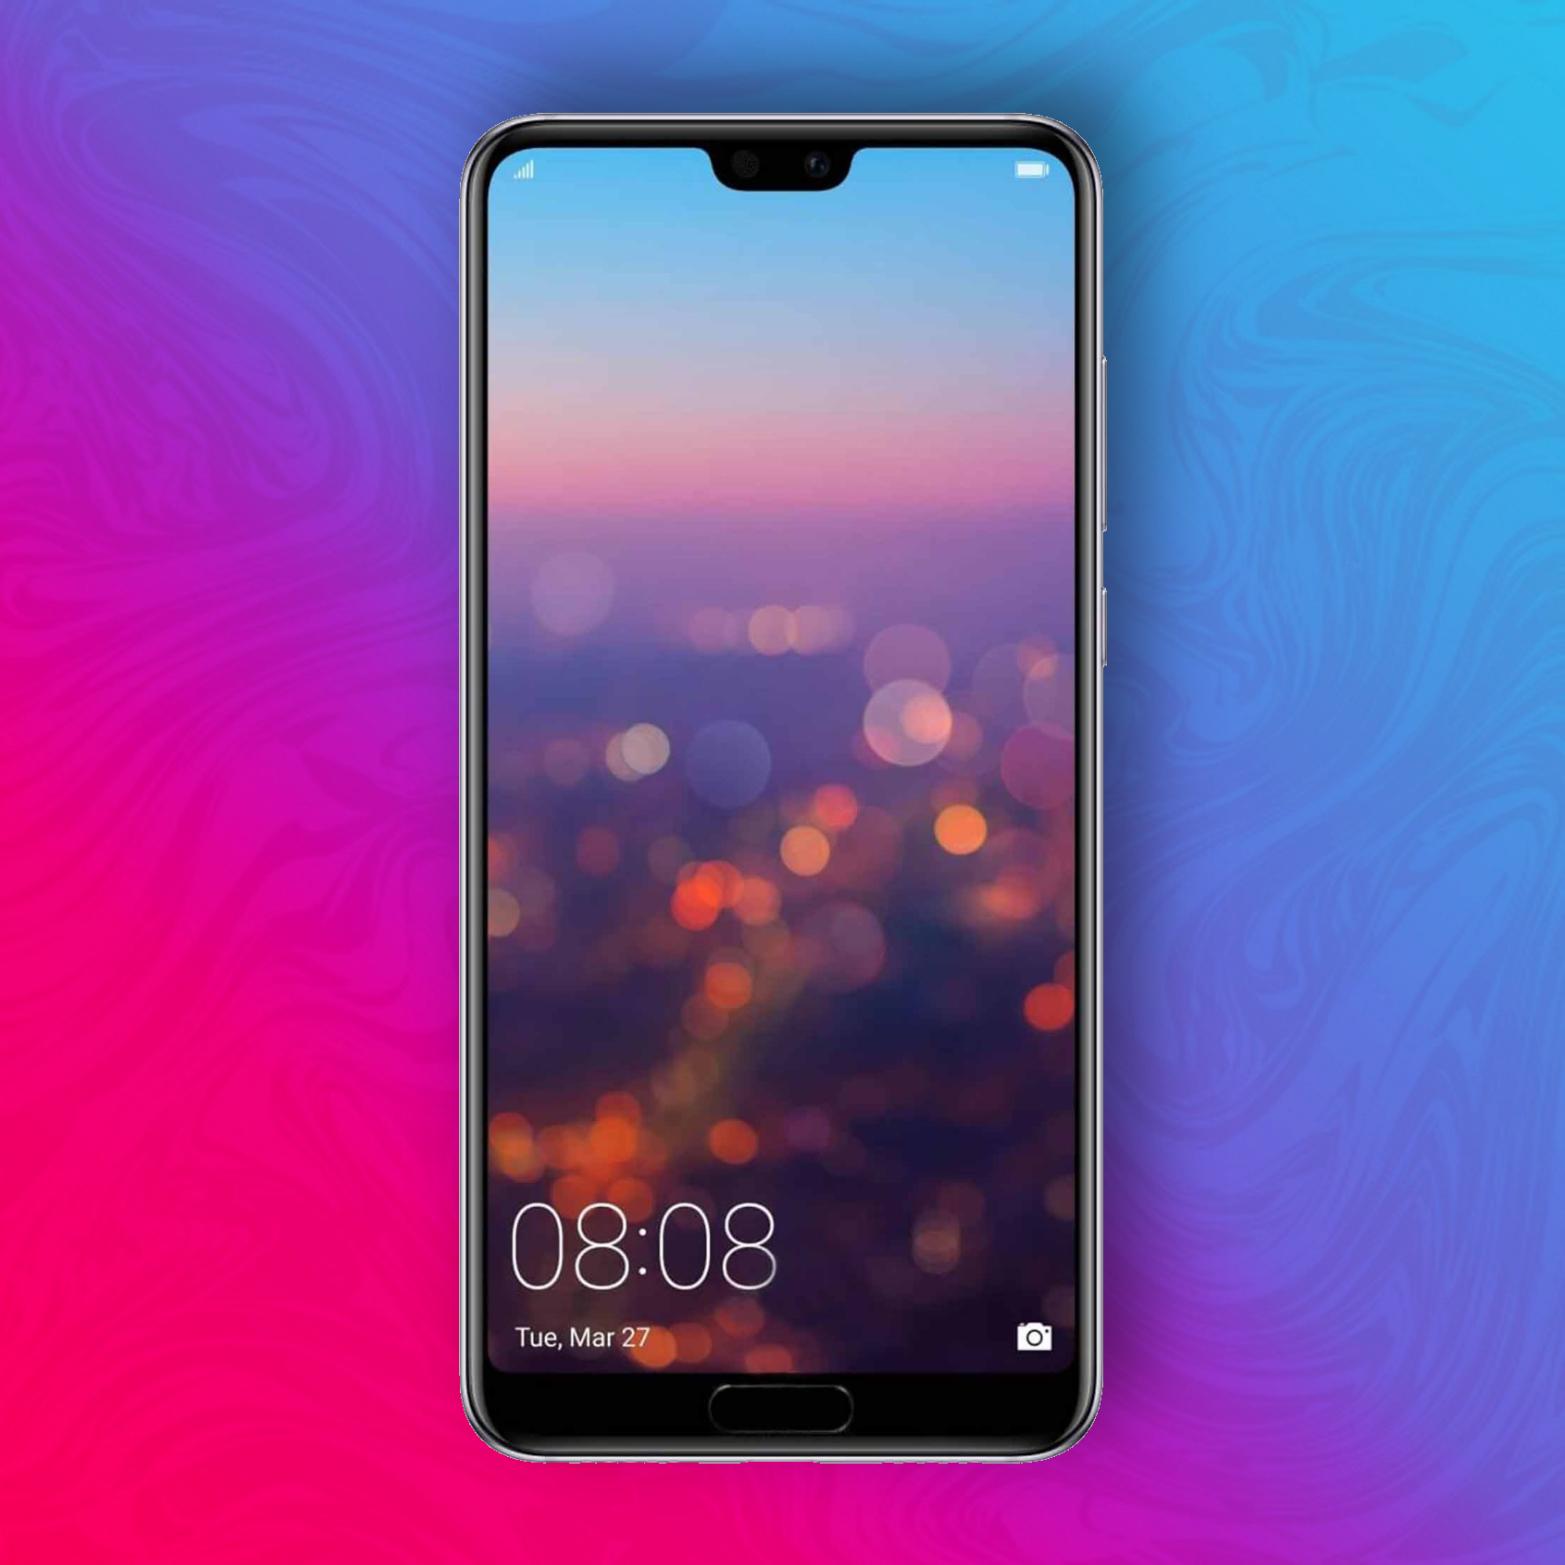 Huawei/Honor im Sale: Huawei P20 Pro für 404,10€ (VGP: 444€), Honor 10 für 195,29€ (VGP: 244,99€) und mehr